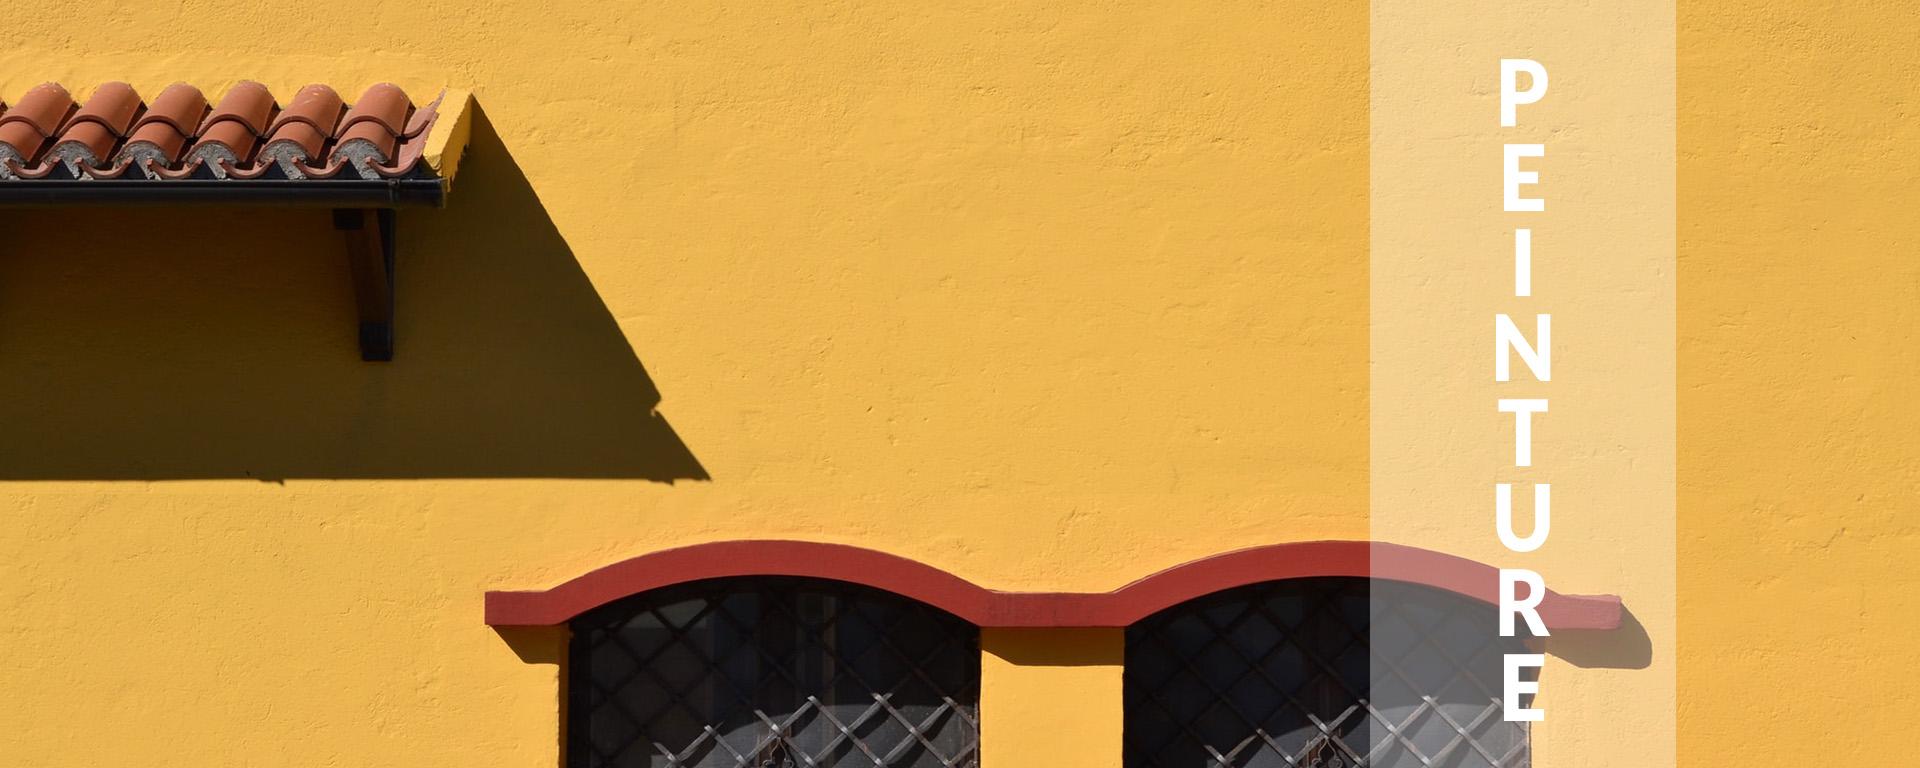 maconnerie antibes-travaux de renovation juan les pins-peinture interieure le cannet-amenagement interieur cannes-carrelage nice-macon cagnes sur mer